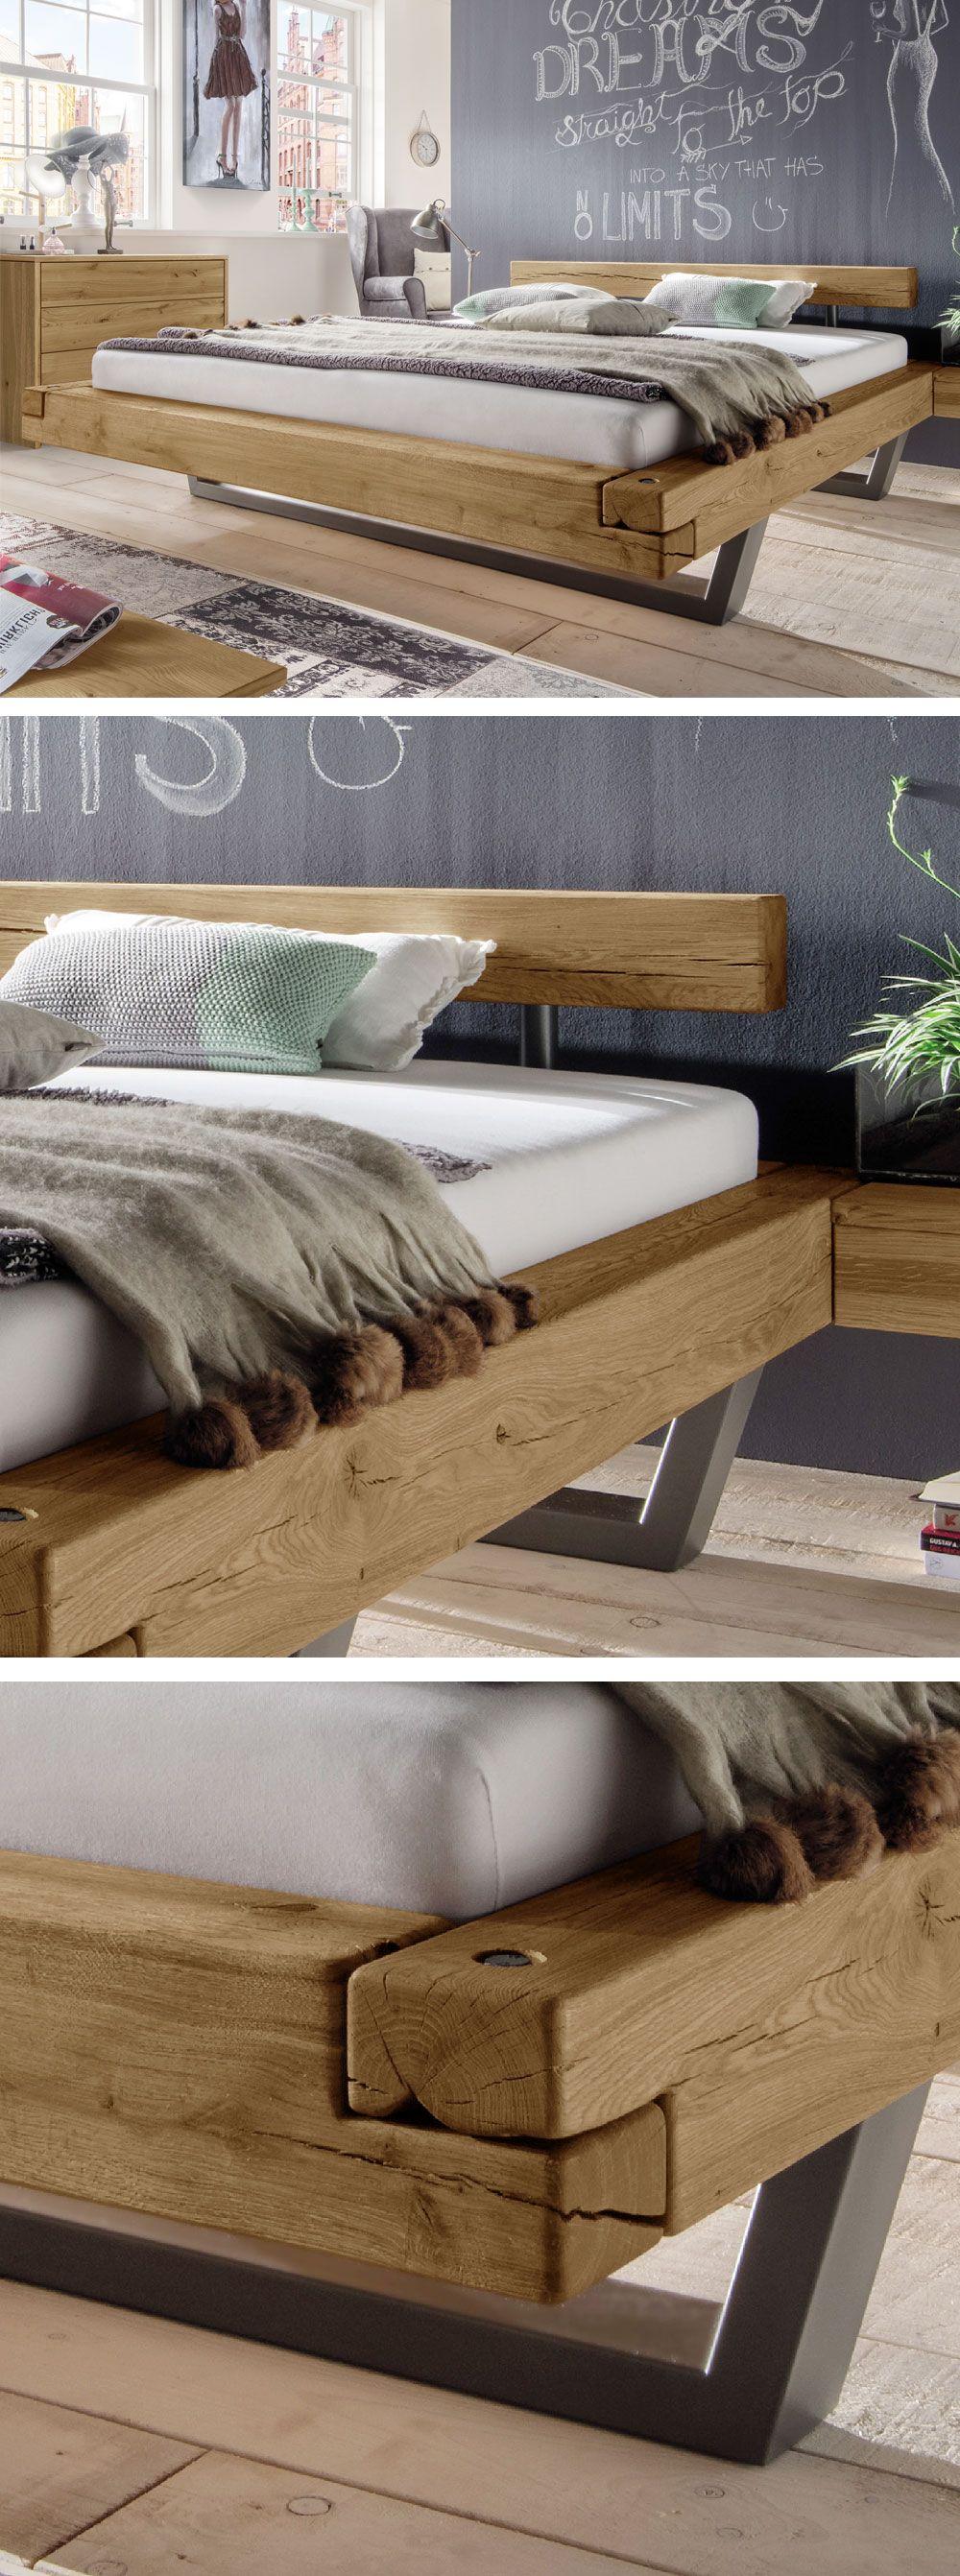 Hochwertiges Balkenbett im angesagten Industrial Style Natürliche Risse & Astlöcher für besonderen Charme